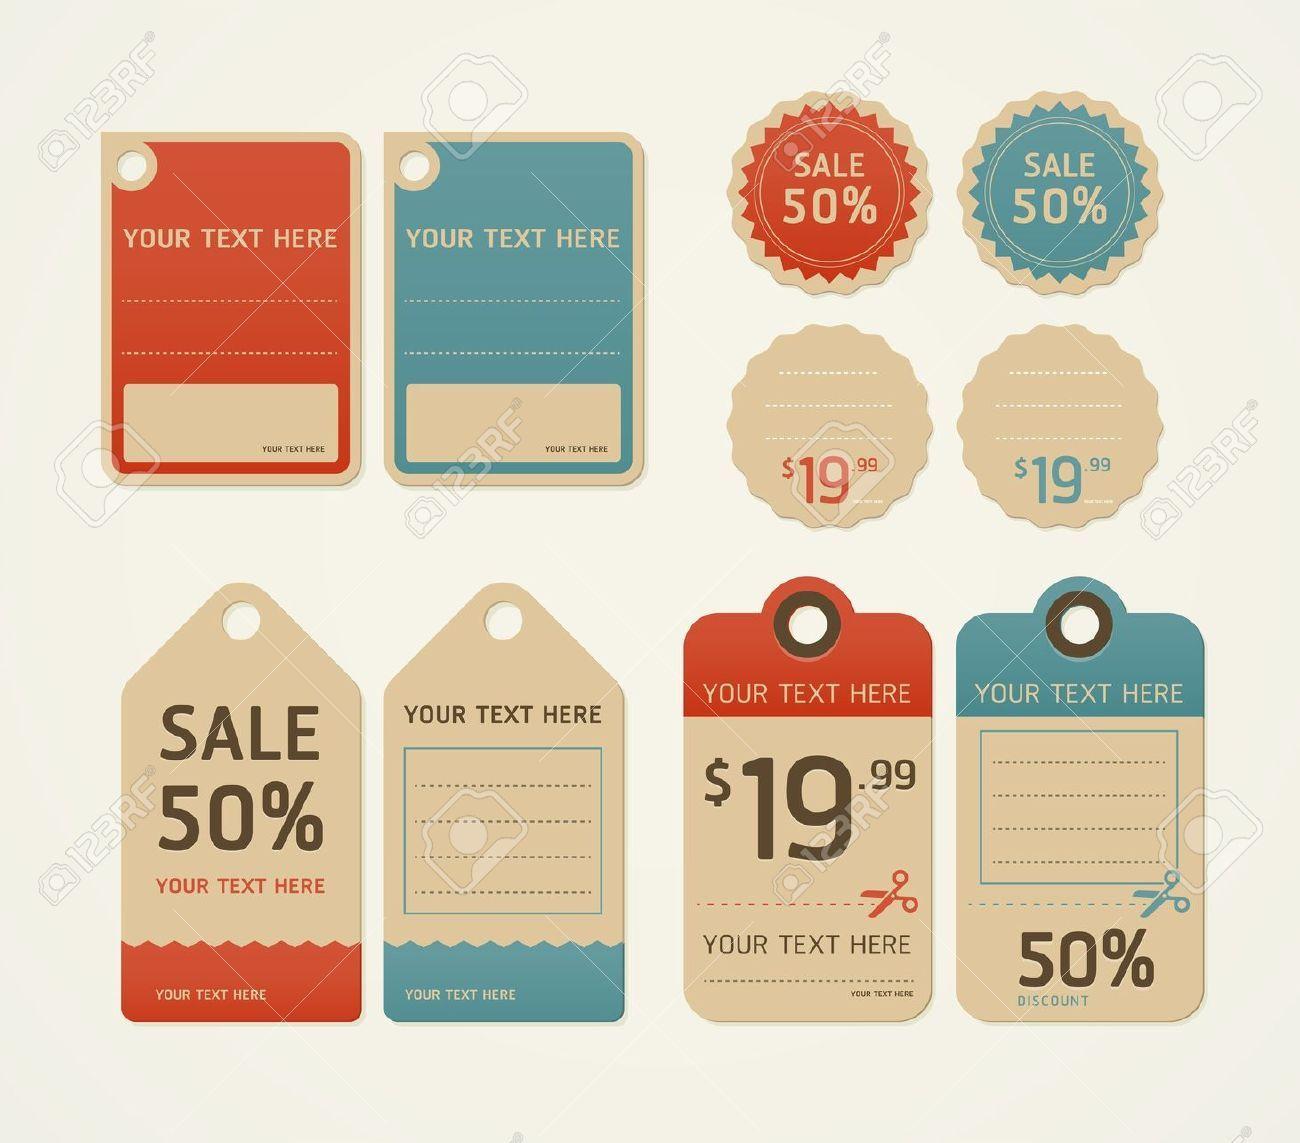 Price Tag Design Google 検索